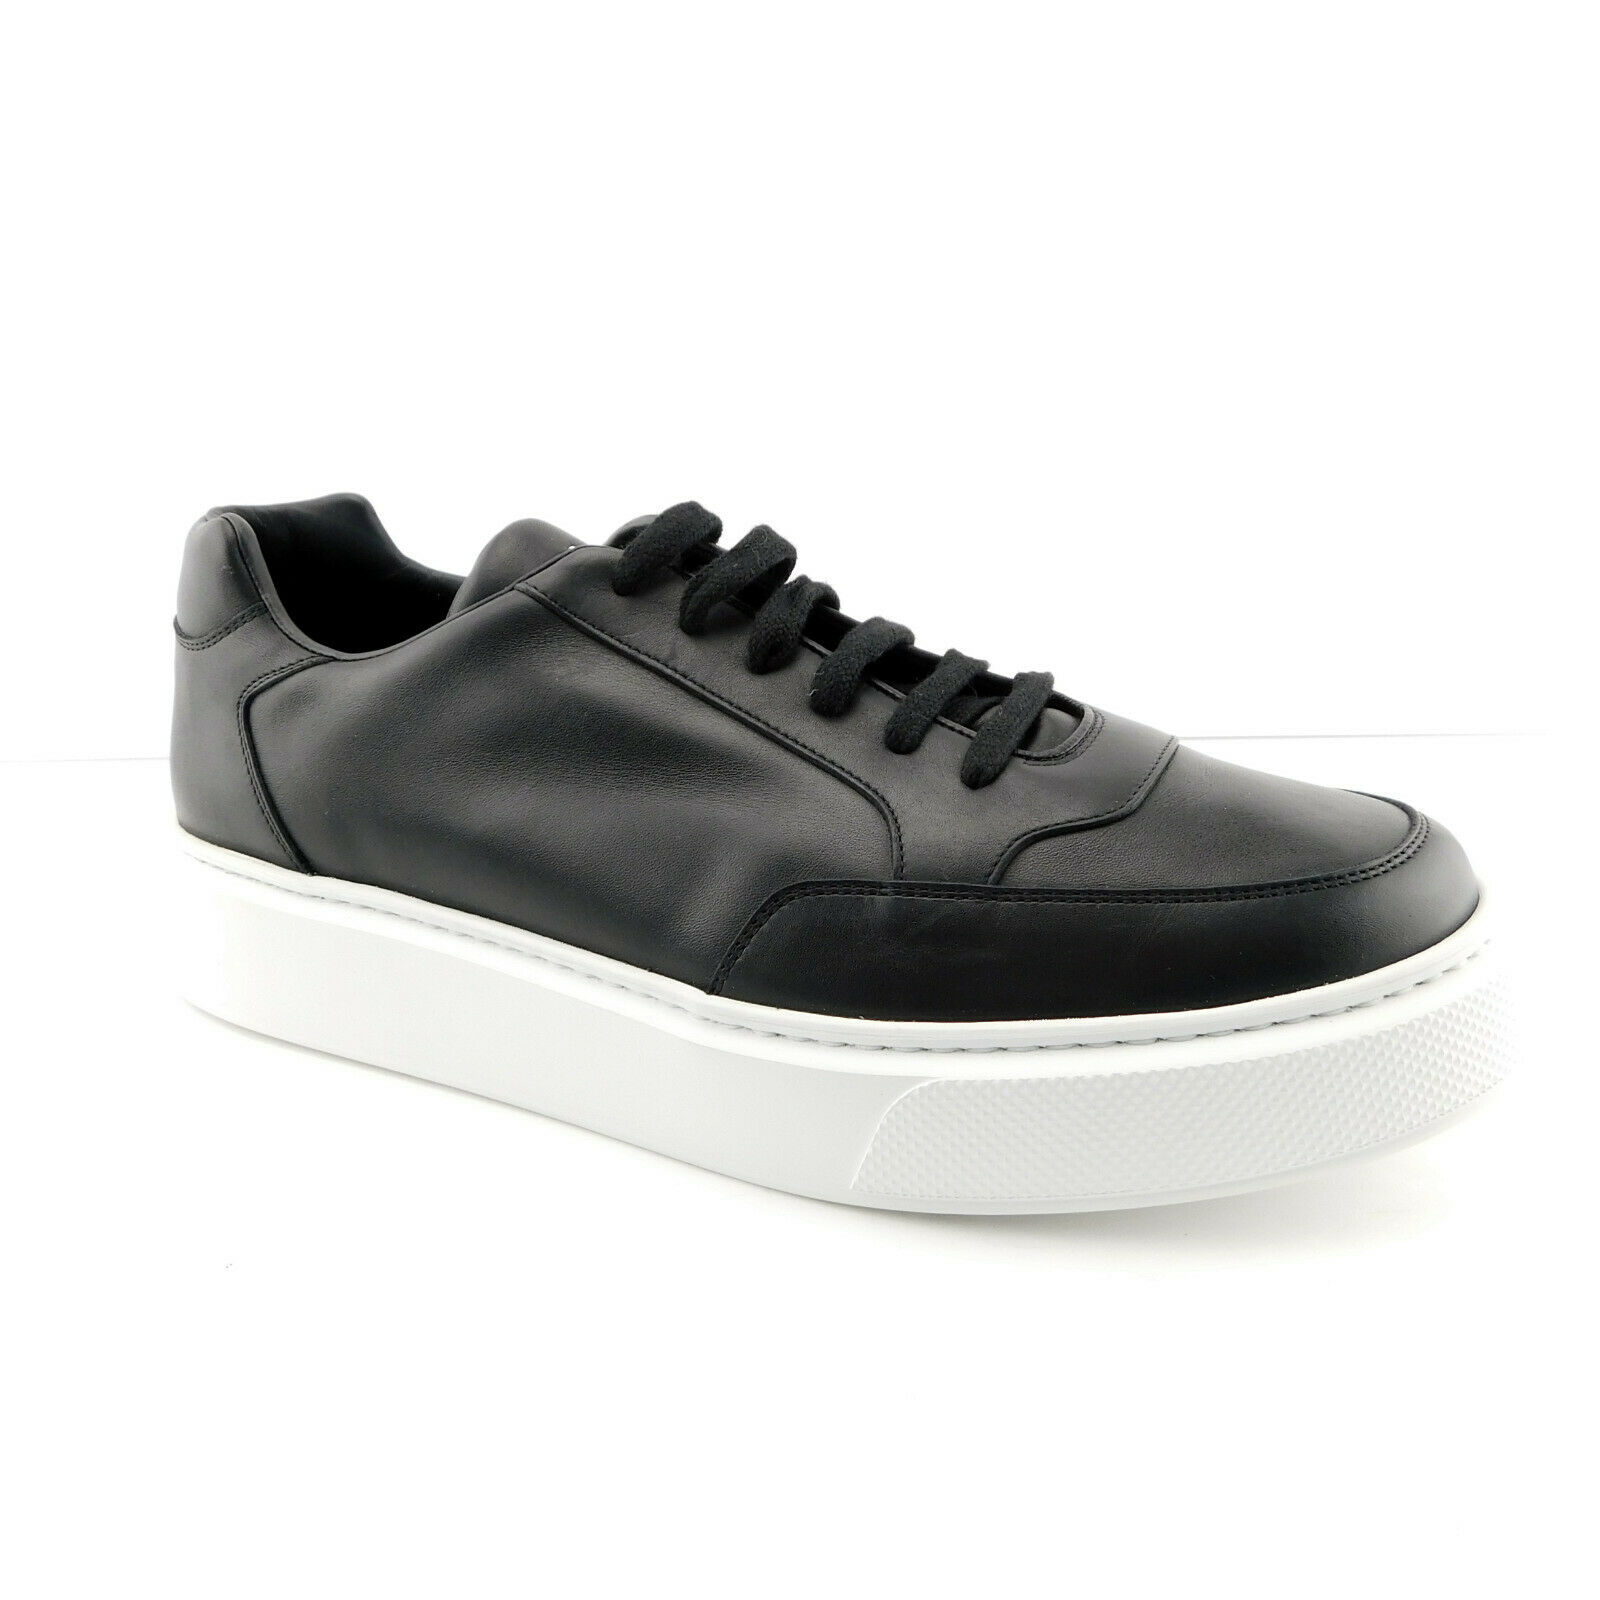 New Men's PRADA Size 13 US STREET EIGHTY Platform Low Top Sneakers 12 UK